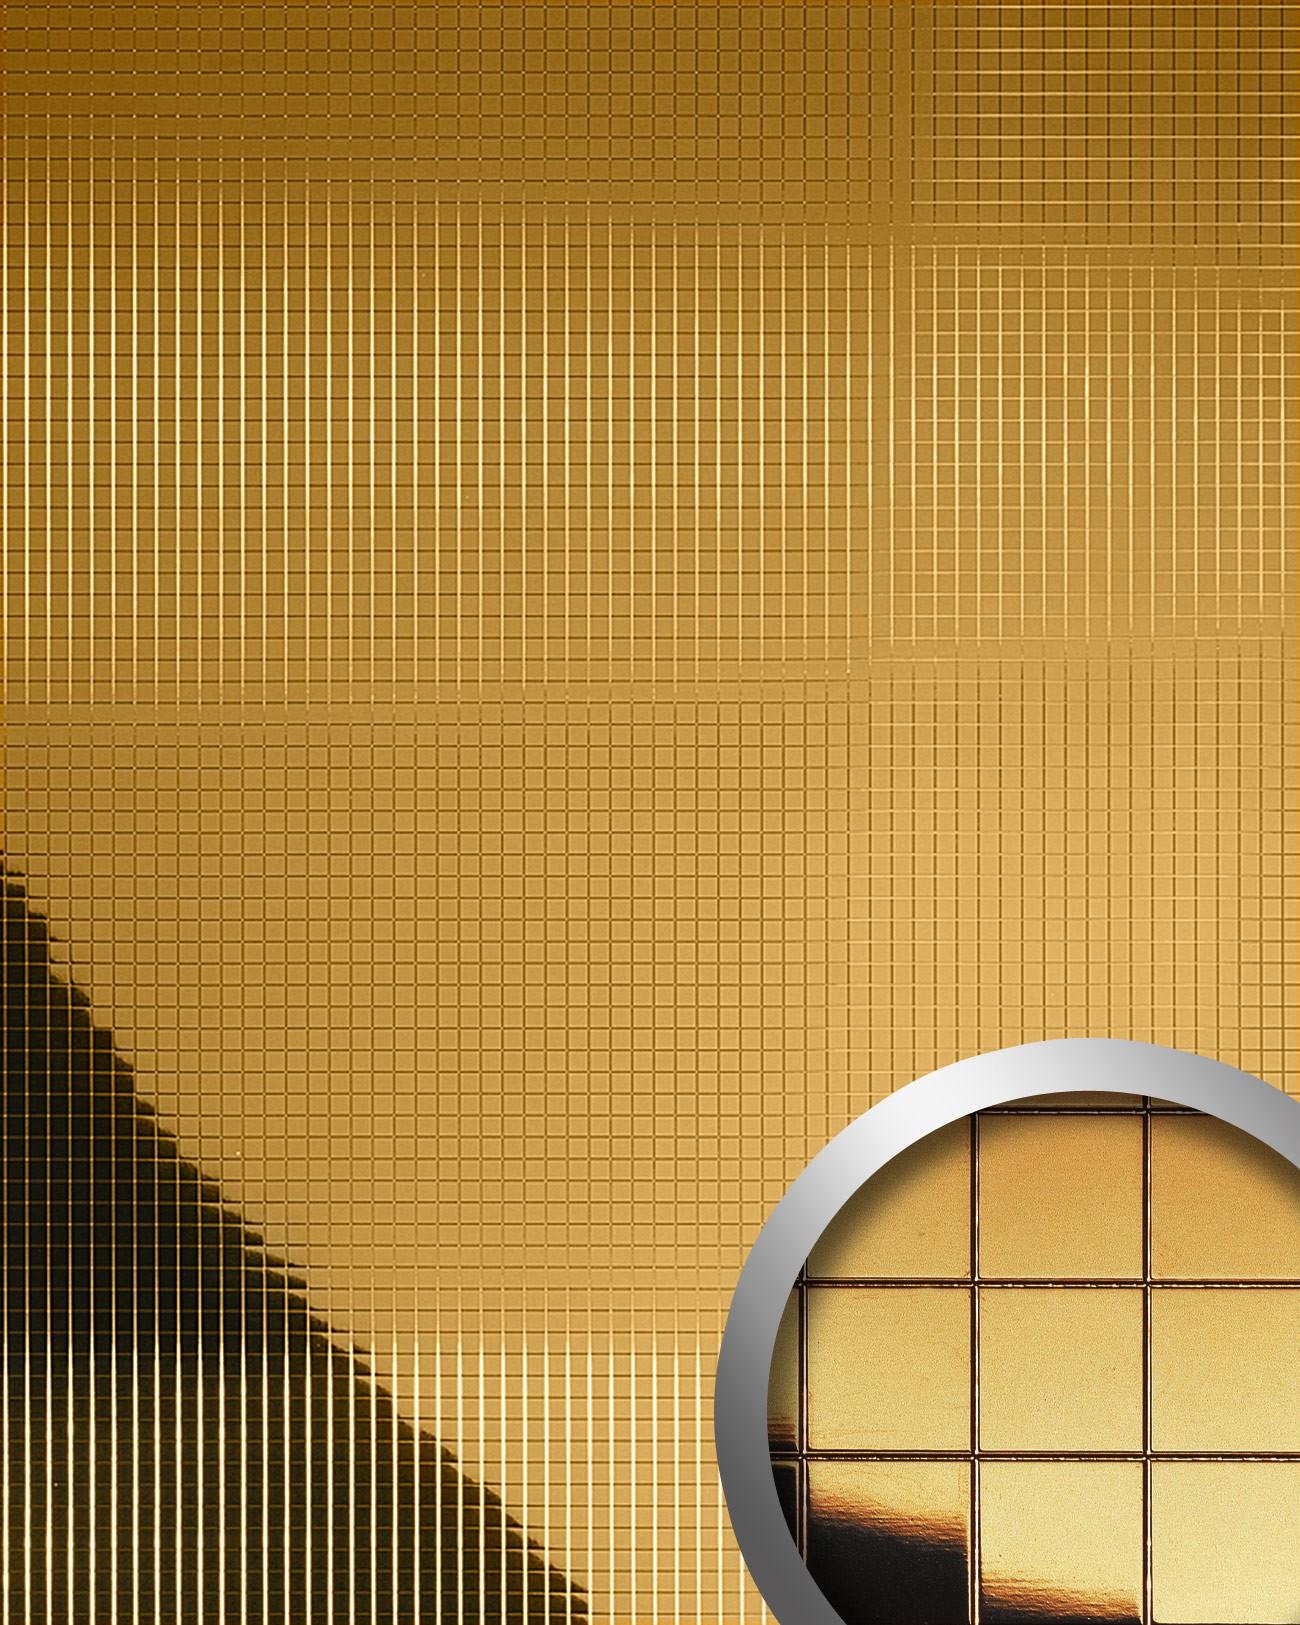 Spiegel Wandpaneel 10581